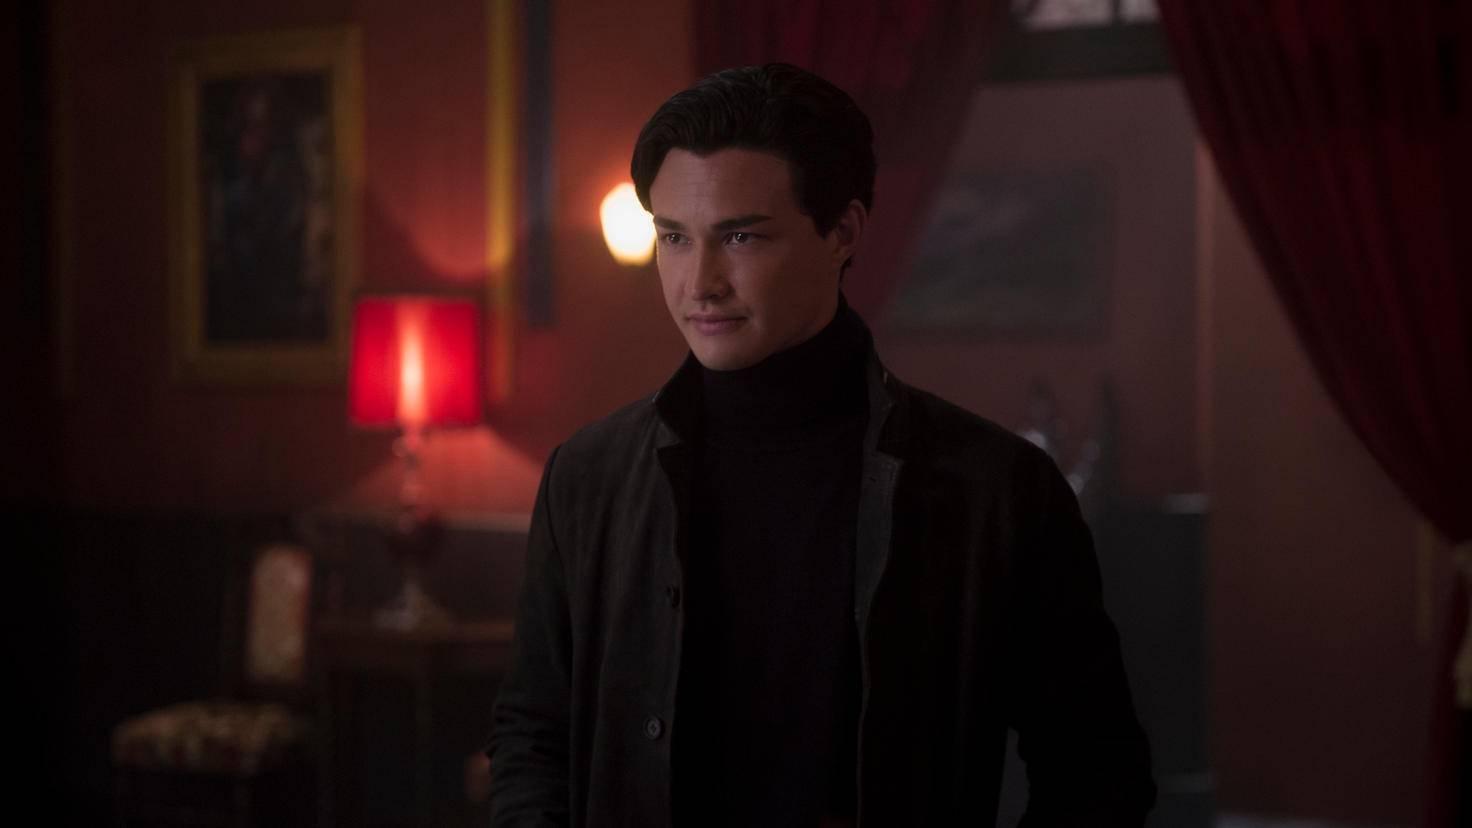 Auf der Zauberakademie lernt Sabrina den geheimnisvollen Zauberer Nicholas Scratch kennen.